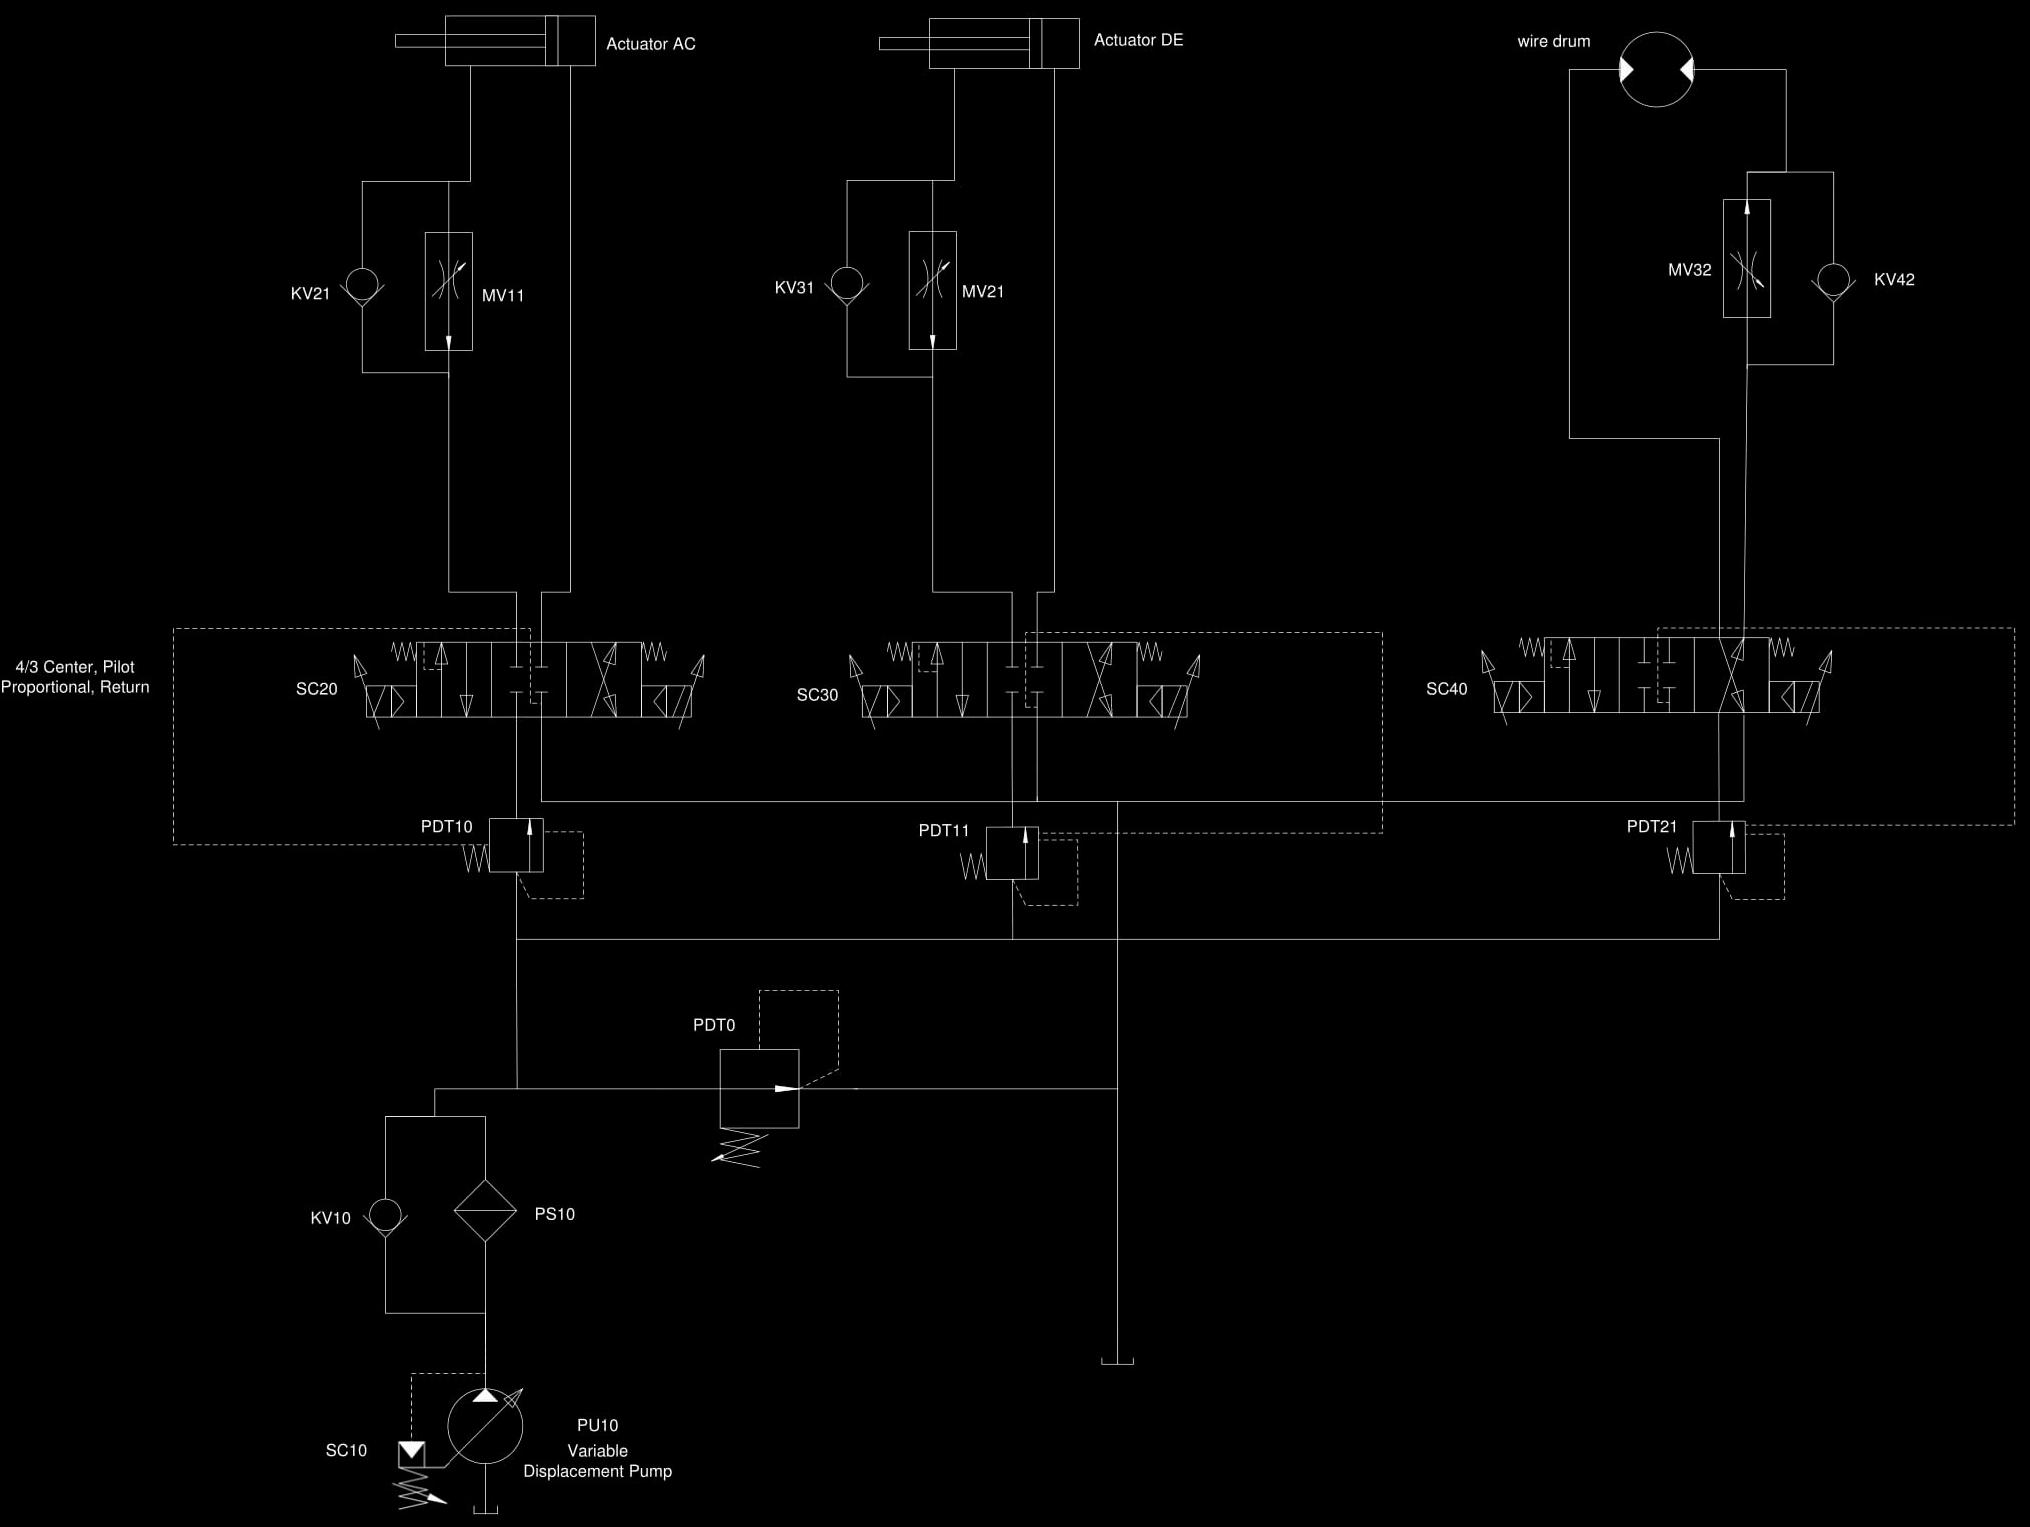 Crane's hydraulic diagram